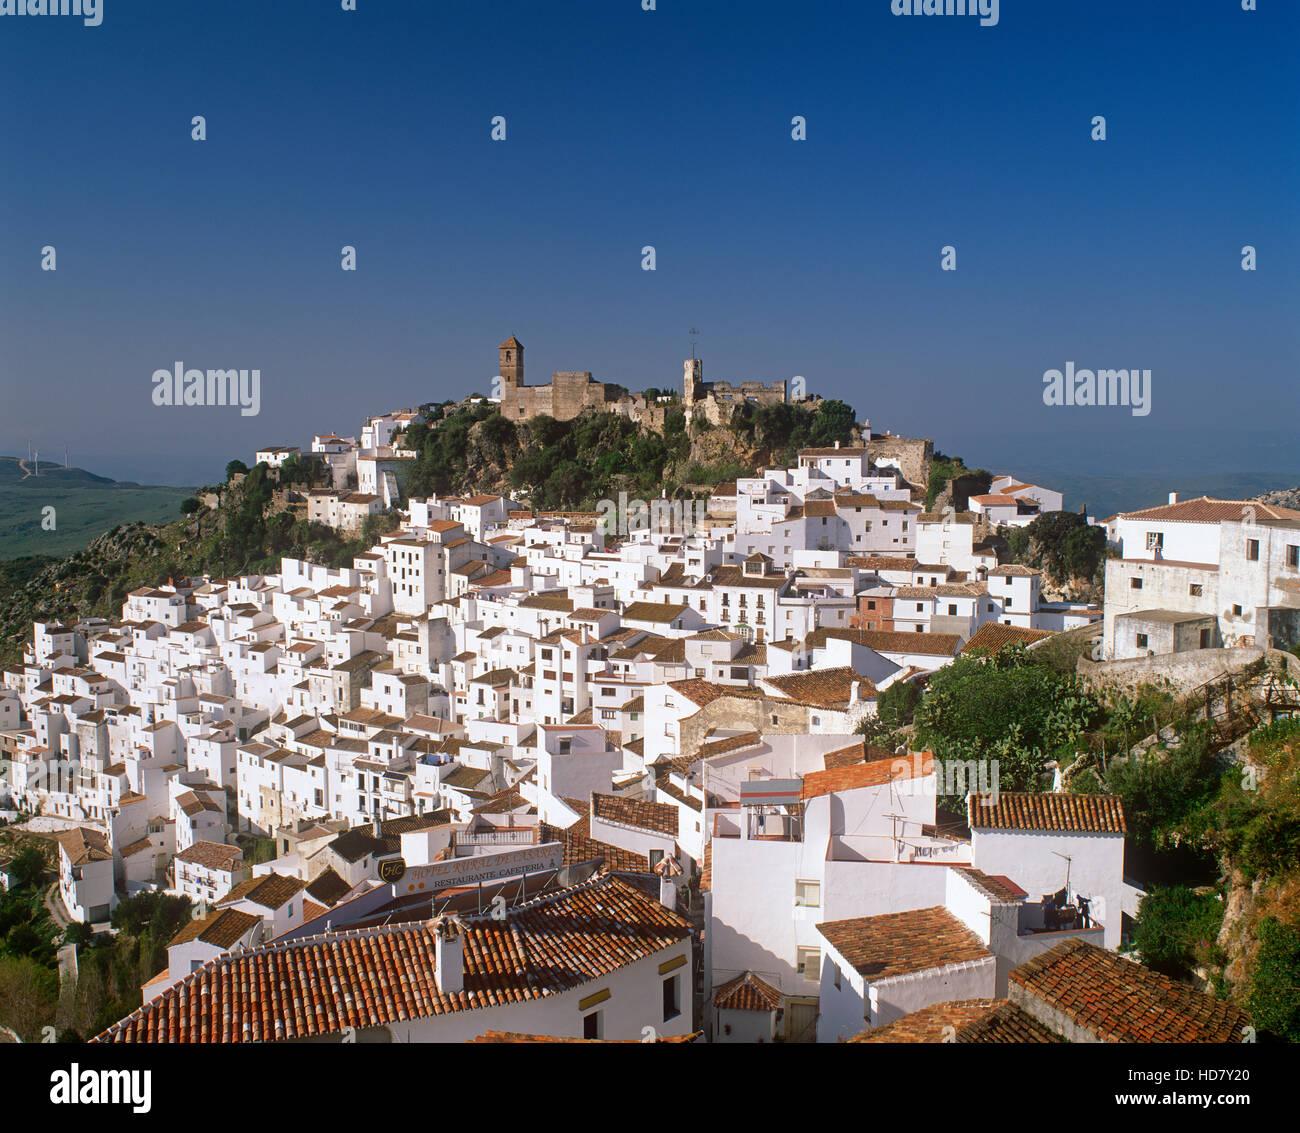 Casares pueblo blanco, Andalucia, Spain Imagen De Stock